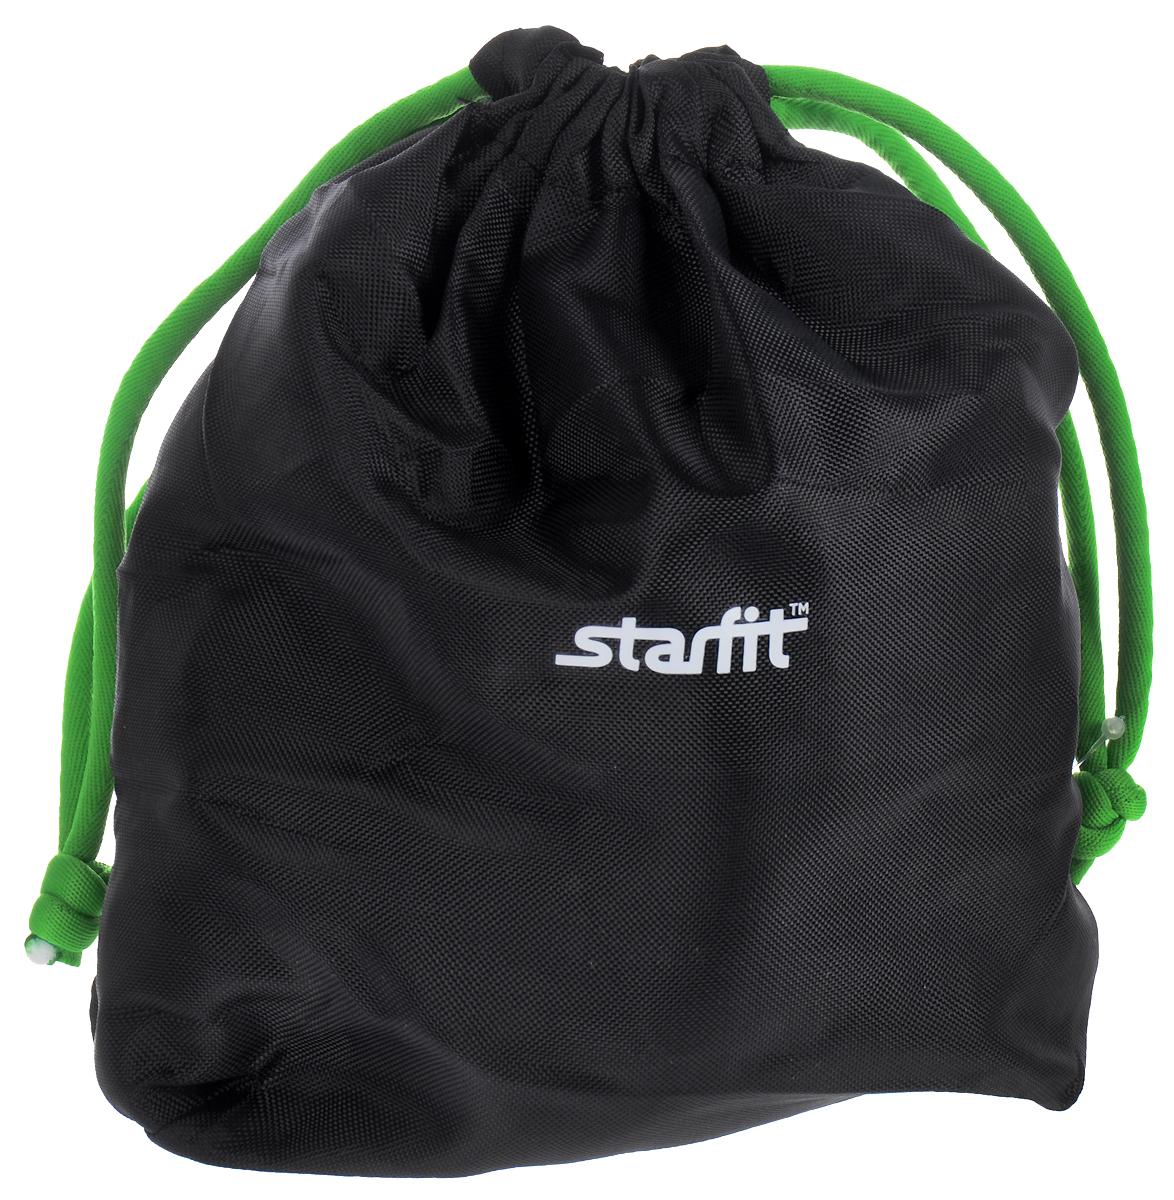 Утяжелители универсальные Starfit, цвет: черный, зеленый, 1,5 кг, 2 штУТ-00007284Утяжелители Star Fit, изготовленные из неопрена, наполнены металлической стружкой. Они легко фиксируются при помощи крепежного ремешка на липучке. Изделия идеальны в использовании при занятиях аэробикой, оздоровительной гимнастикой и фитнесом. Мягкий материал надежно облегает, давая вместе с тем ощущение свободы рукам - у вас отпадает необходимость держать гантели или гири для создания усилий во время тренировок. Утяжелители имеют компактный размер и не займут много места при хранении и переноске. Оригинальный современный дизайн, приятное цветовое оформление и качество самих утяжелителей будут несомненно радовать вас во время тренировок!Вес каждого утяжелителя: 1,5 кг. Длина утяжелителя (без учета ремня): 25,5 см. Ширина утяжелителя: 10,5 см.